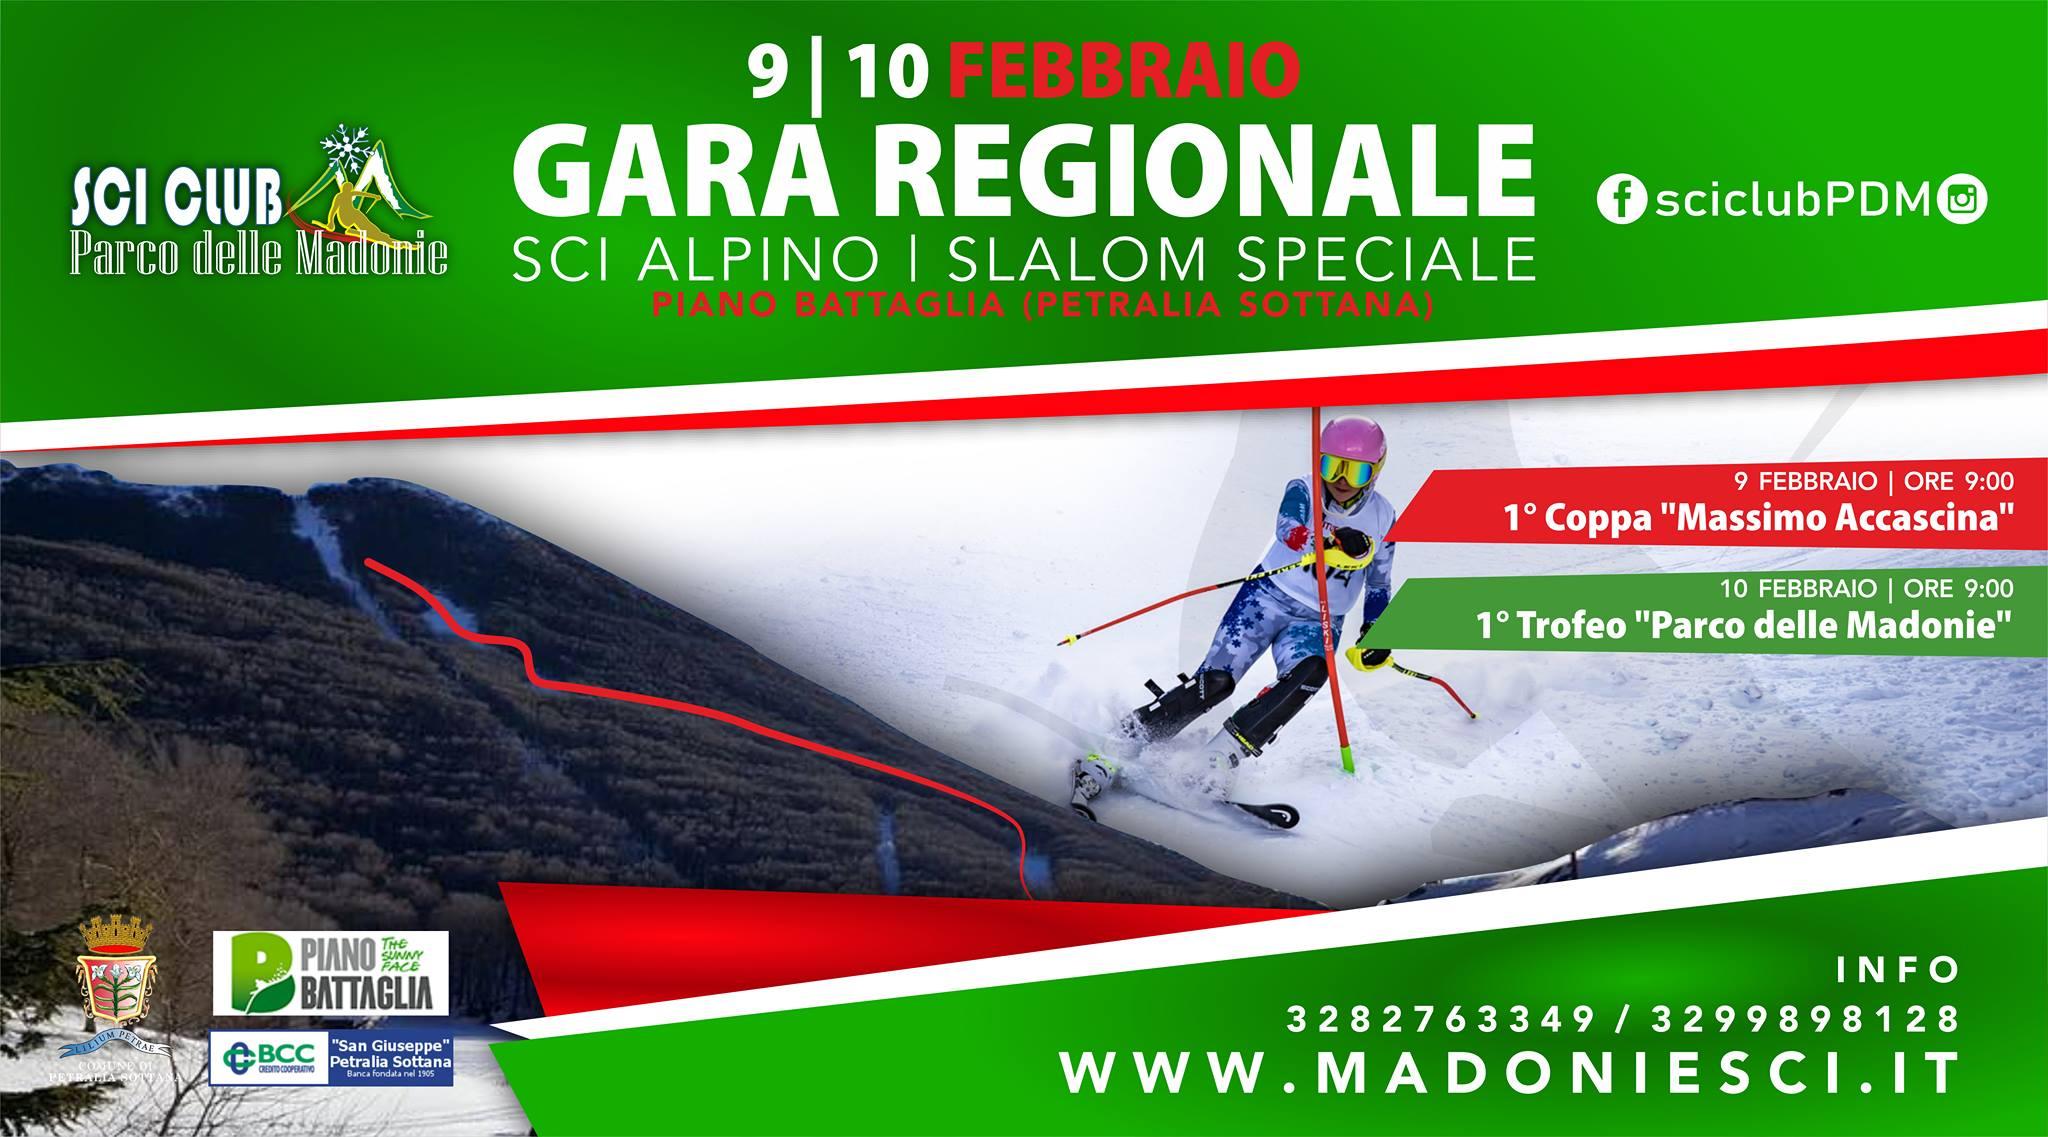 Slalom speciale a Piano Battaglia